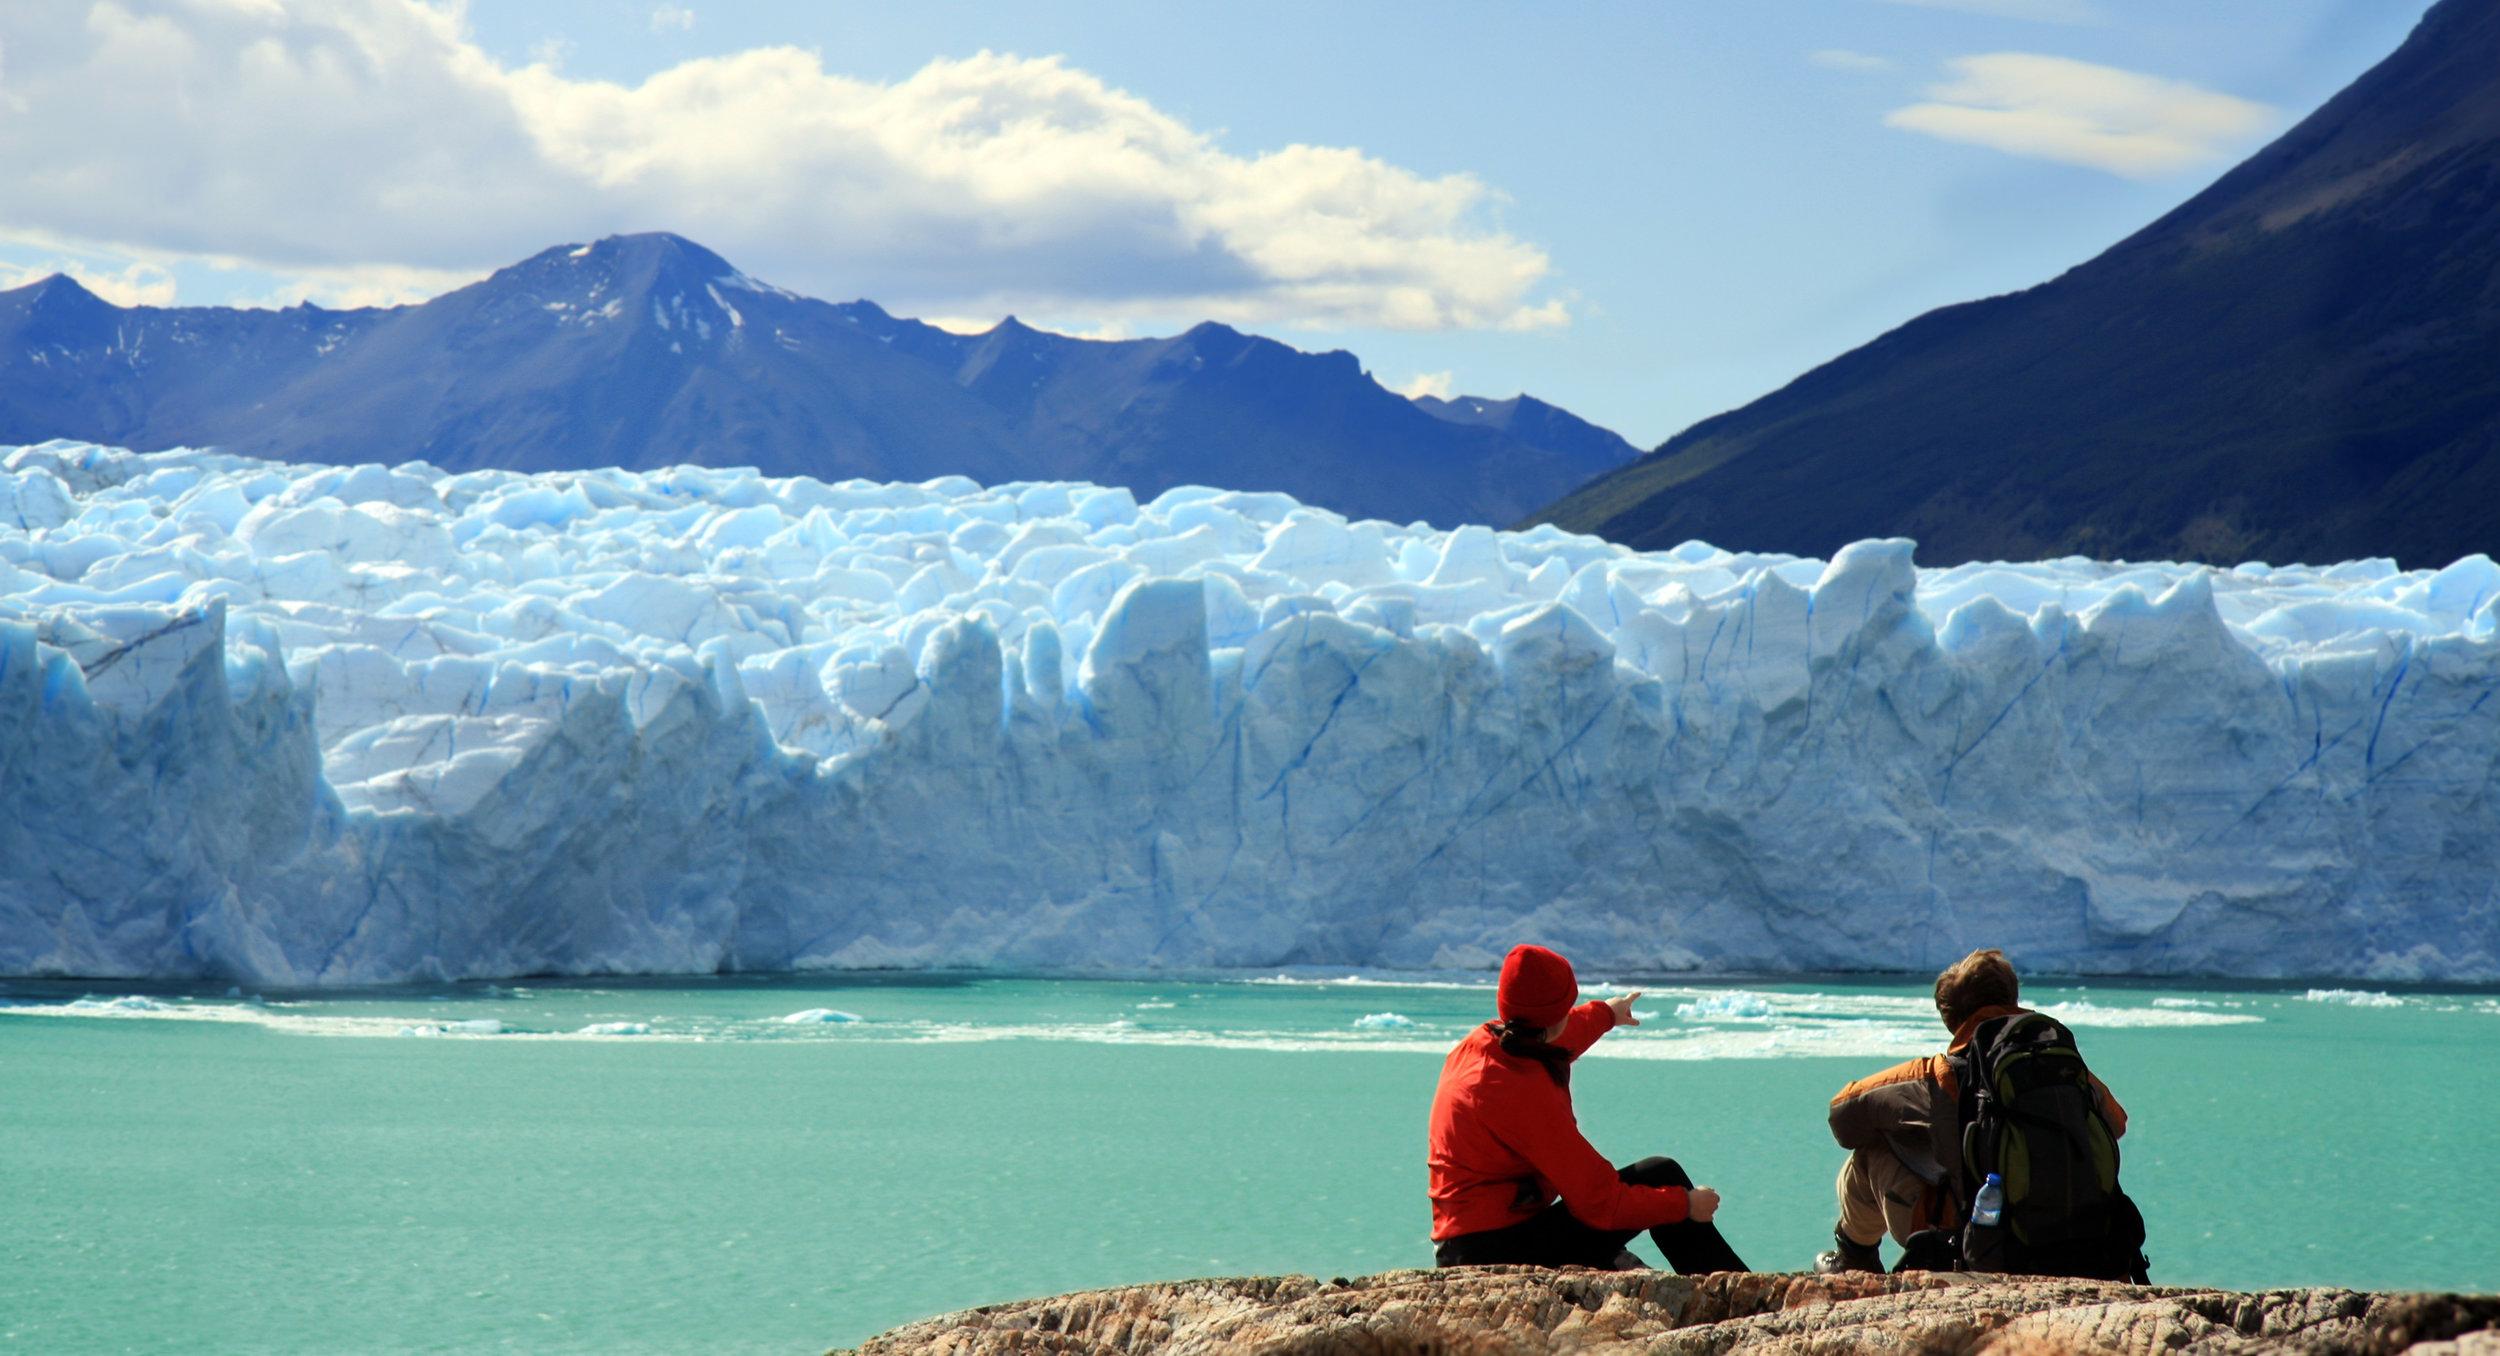 argentina_bigstock-Perito-Moreno-Glacier-Argenti-5098970.jpg